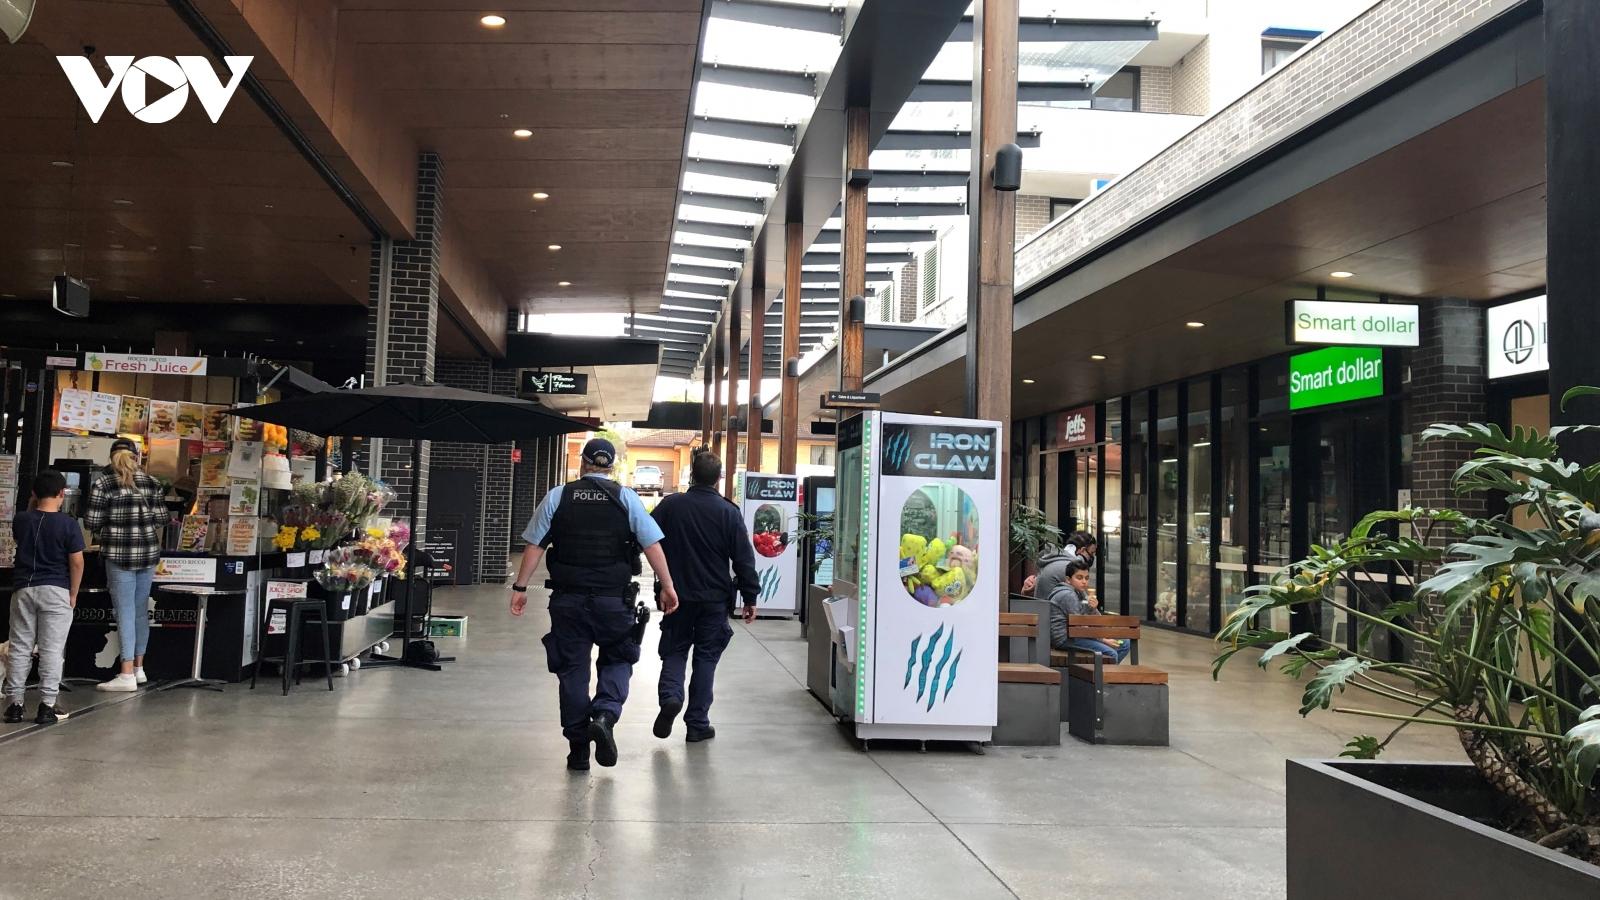 Bang New South Wales (Australia) kêu gọi các bang khác hỗ trợ chống dịch Covid-19